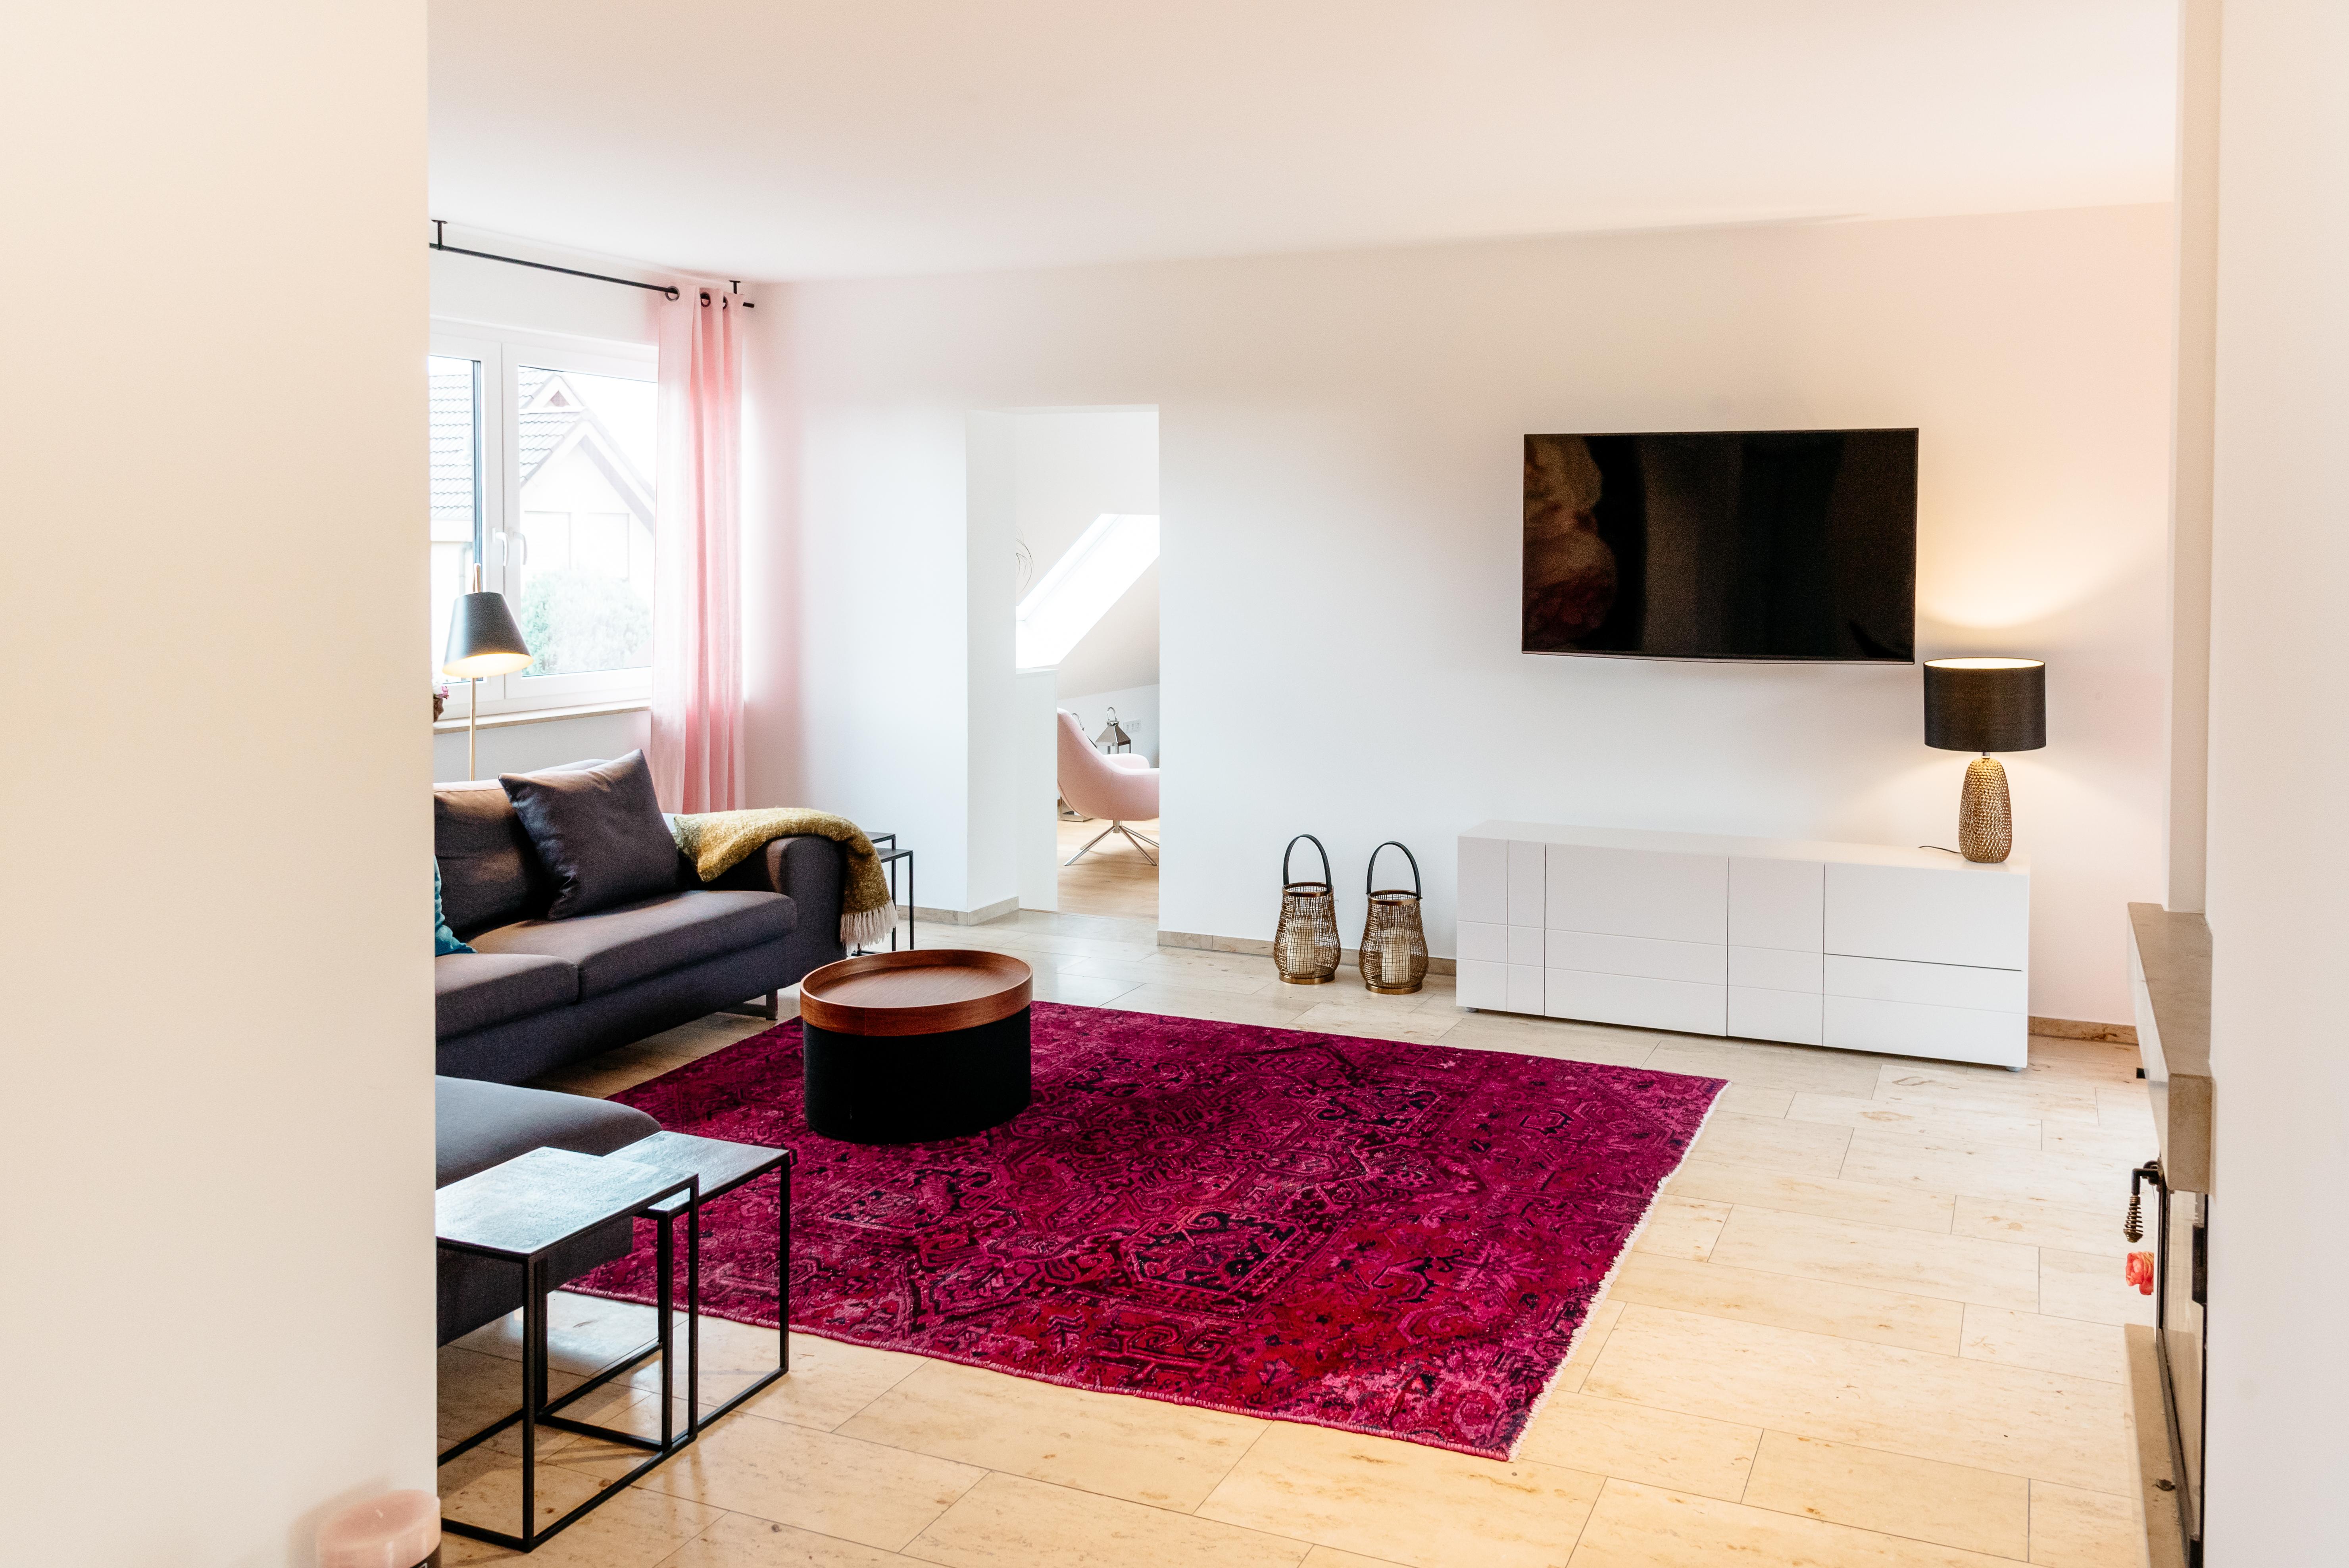 Wohnzimmer Phönix aus der Asche |by andy - for better moods